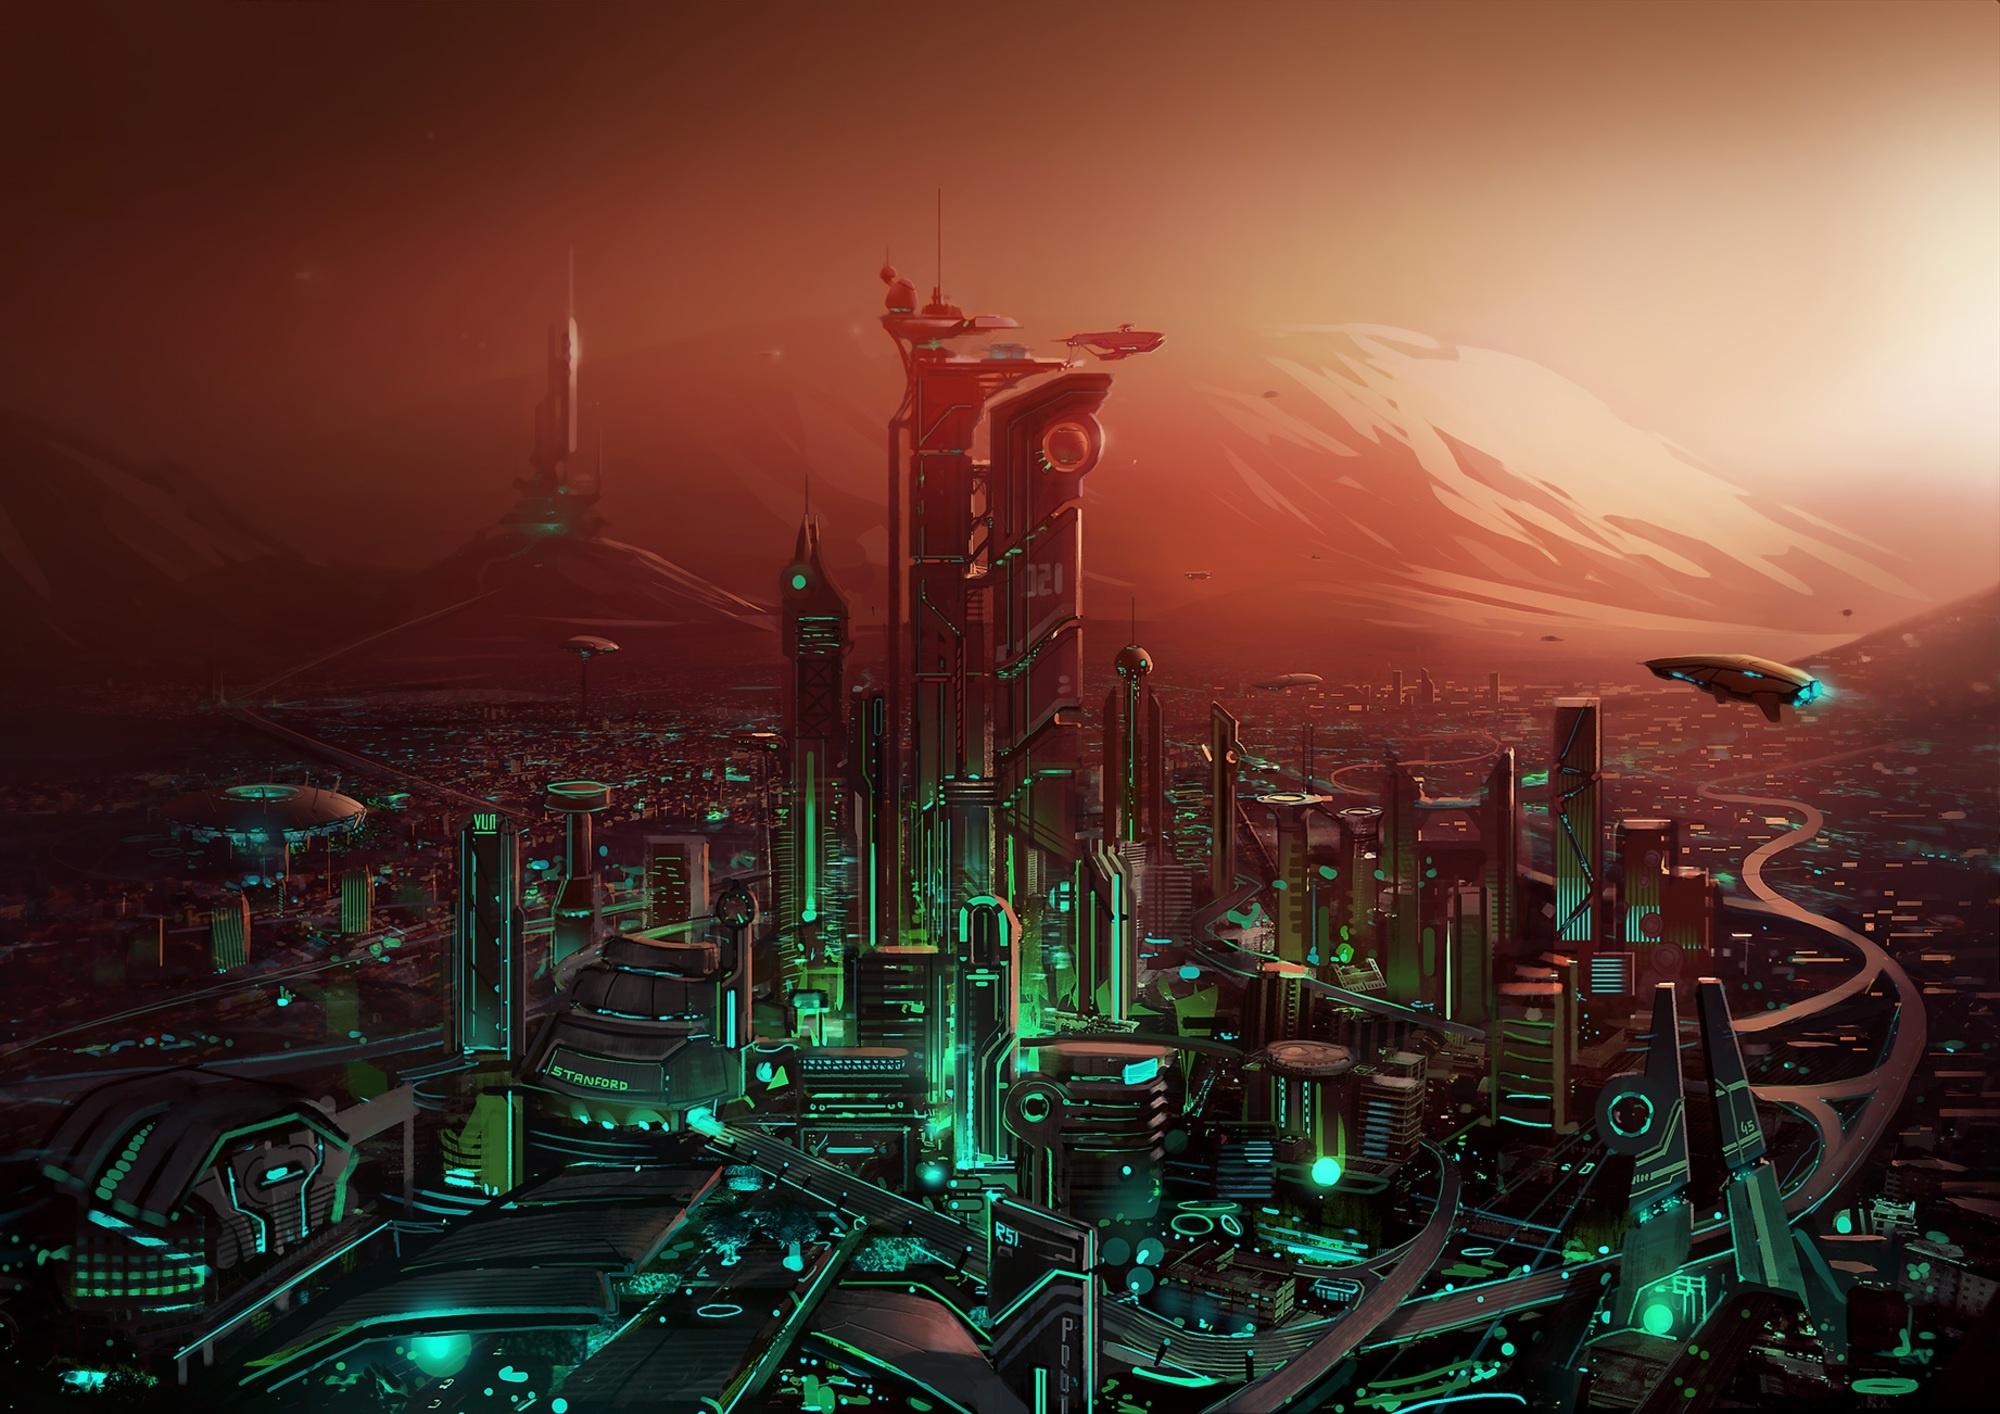 Futuristic Cityscape Wallpaper, HD Artist 4K Wallpapers ...